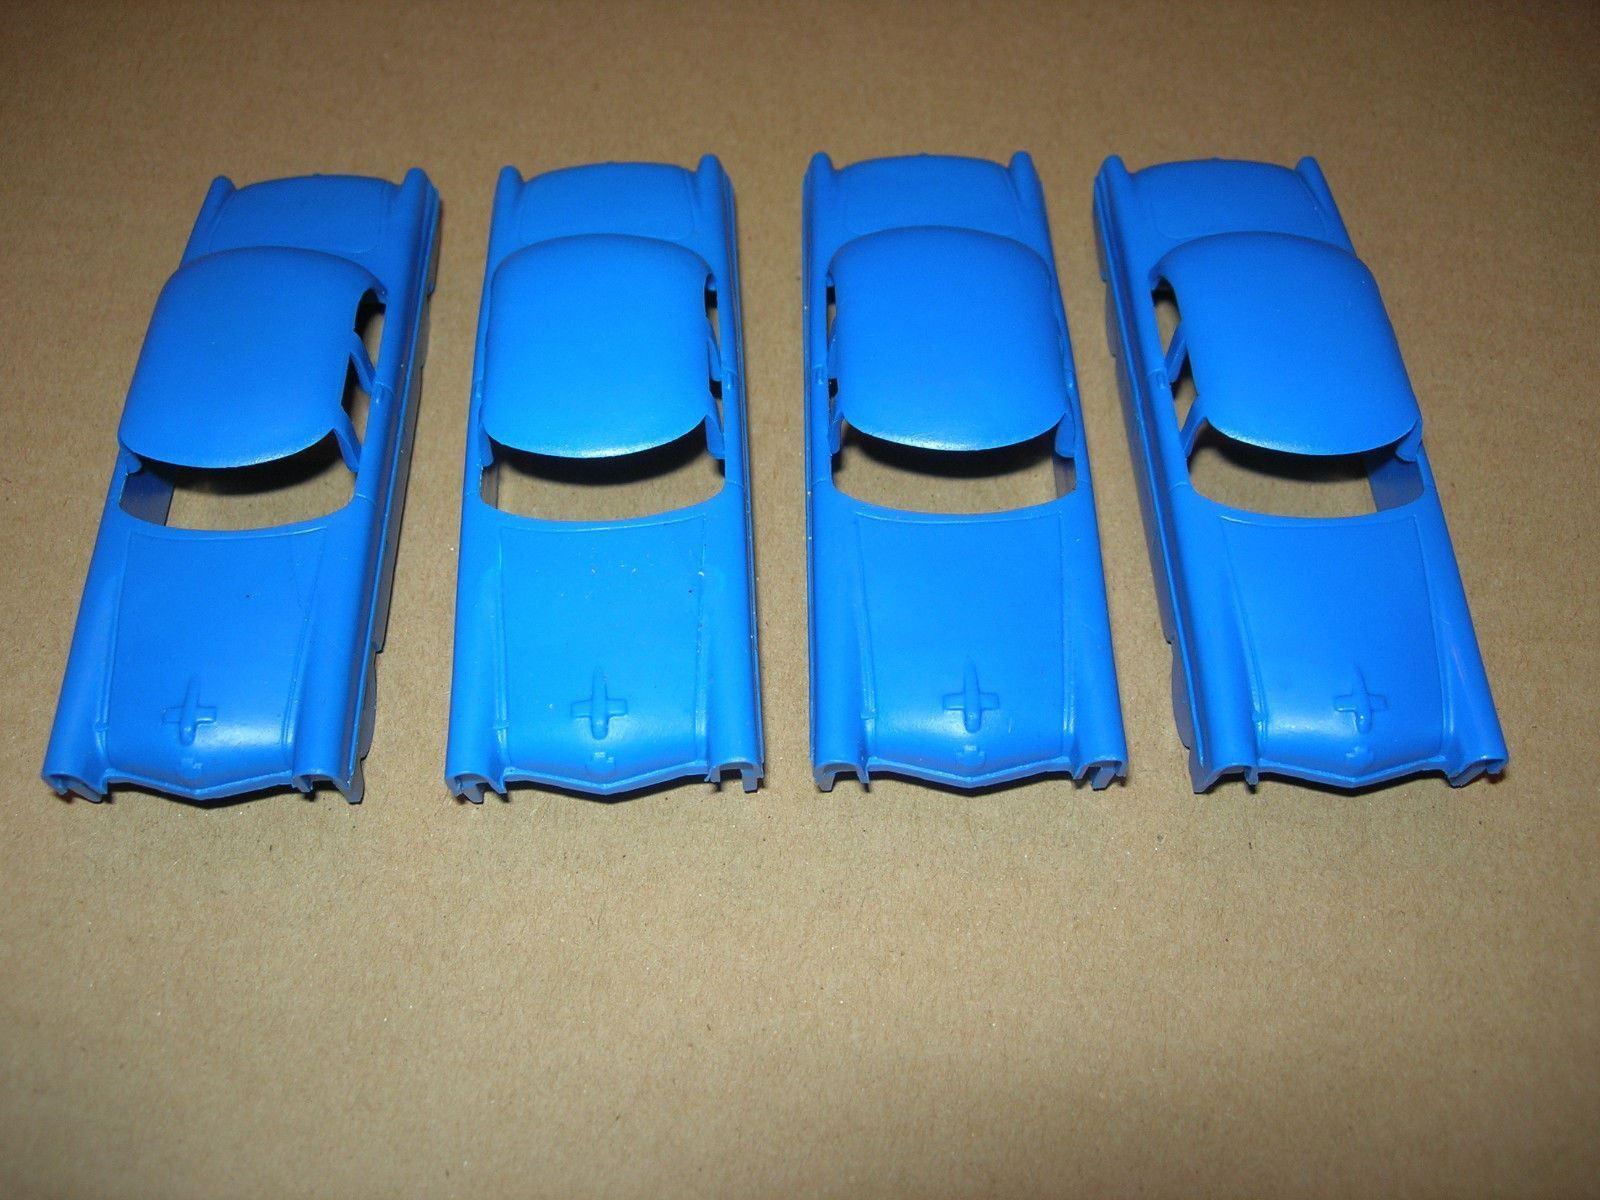 Odd Ball Lionel 6414 Cheapie Autos You get Four Cars RARE blueE